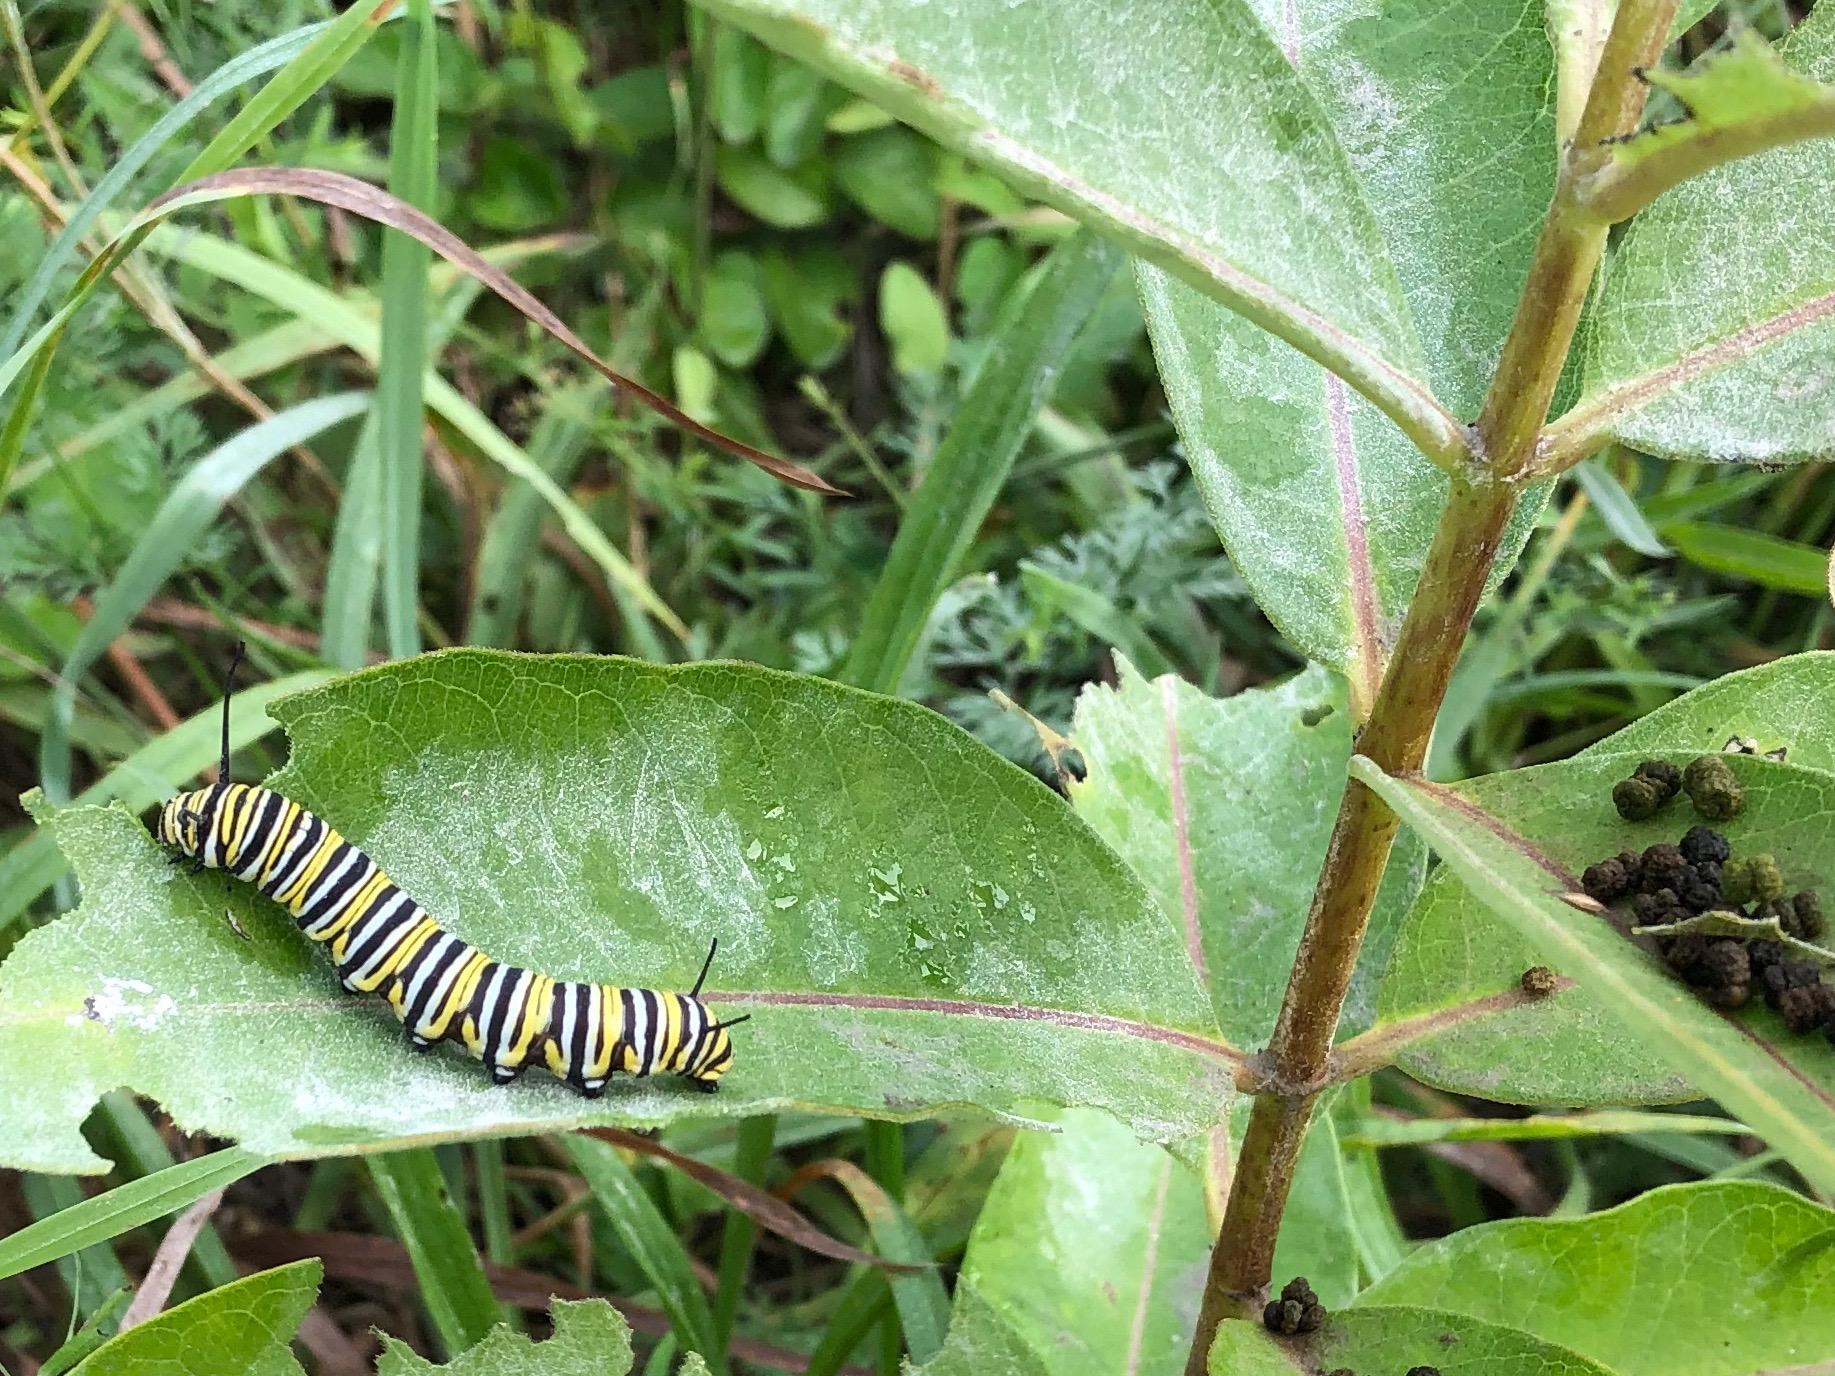 082119-Monarch-caterpillar